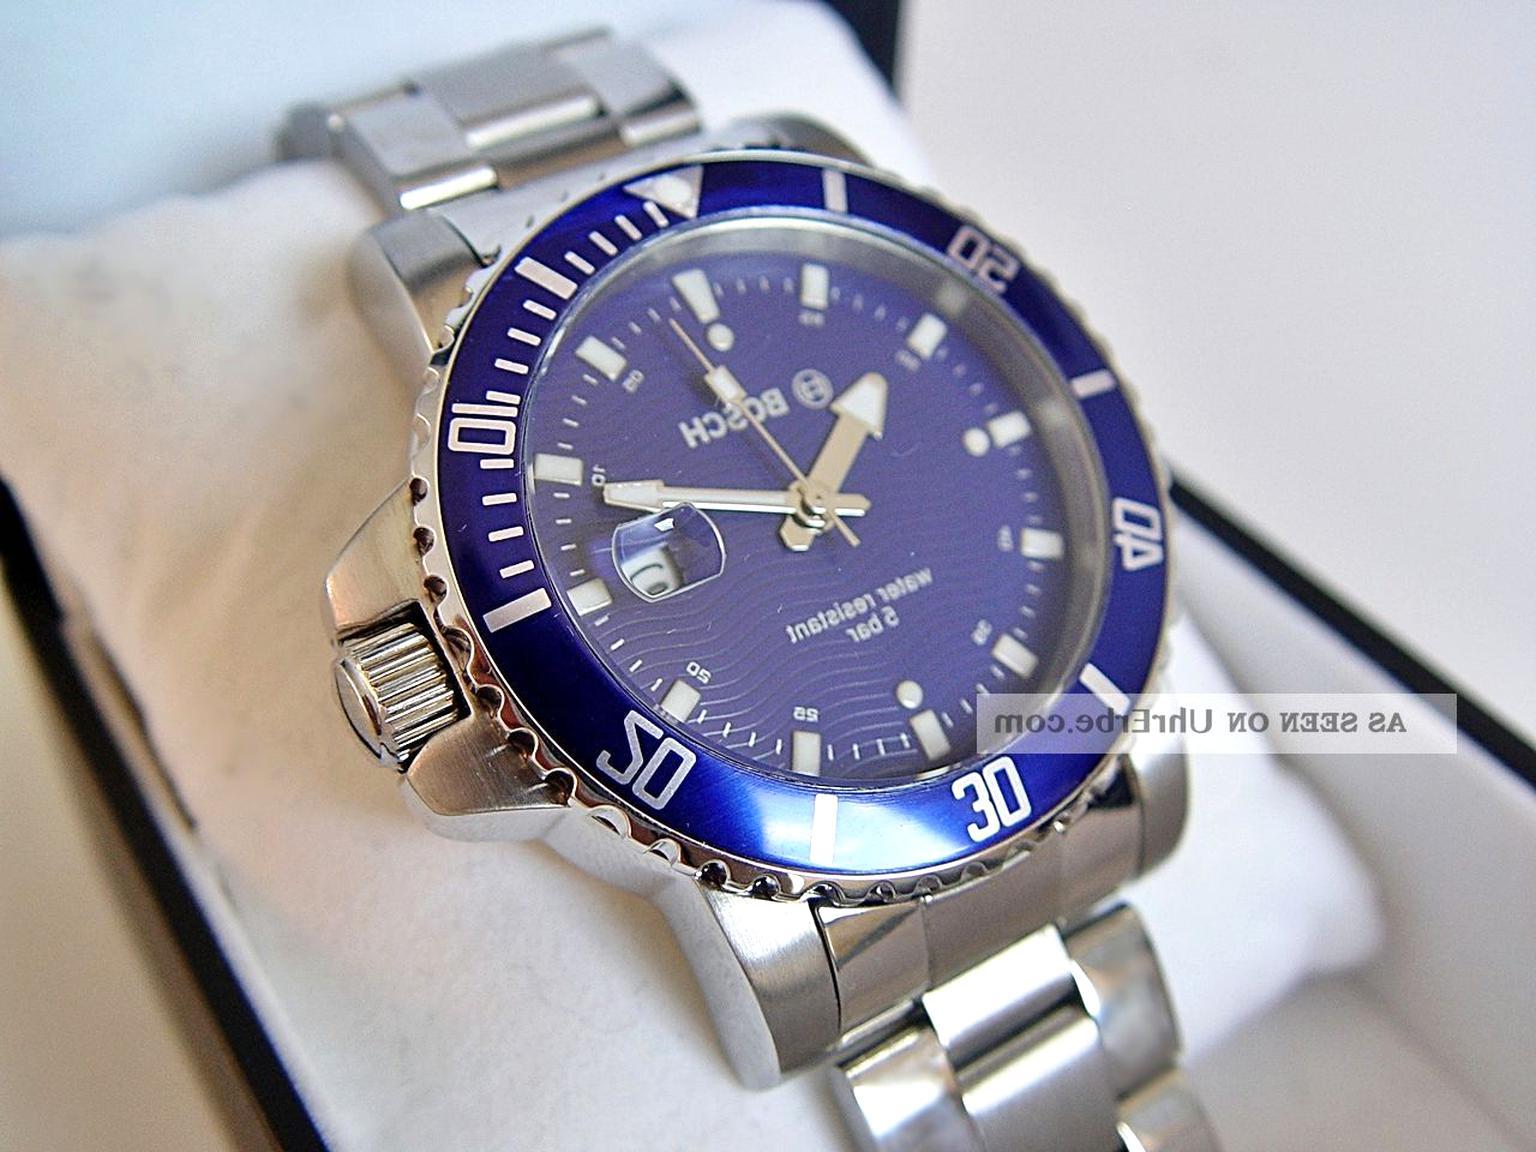 bosch armbanduhr gebraucht kaufen